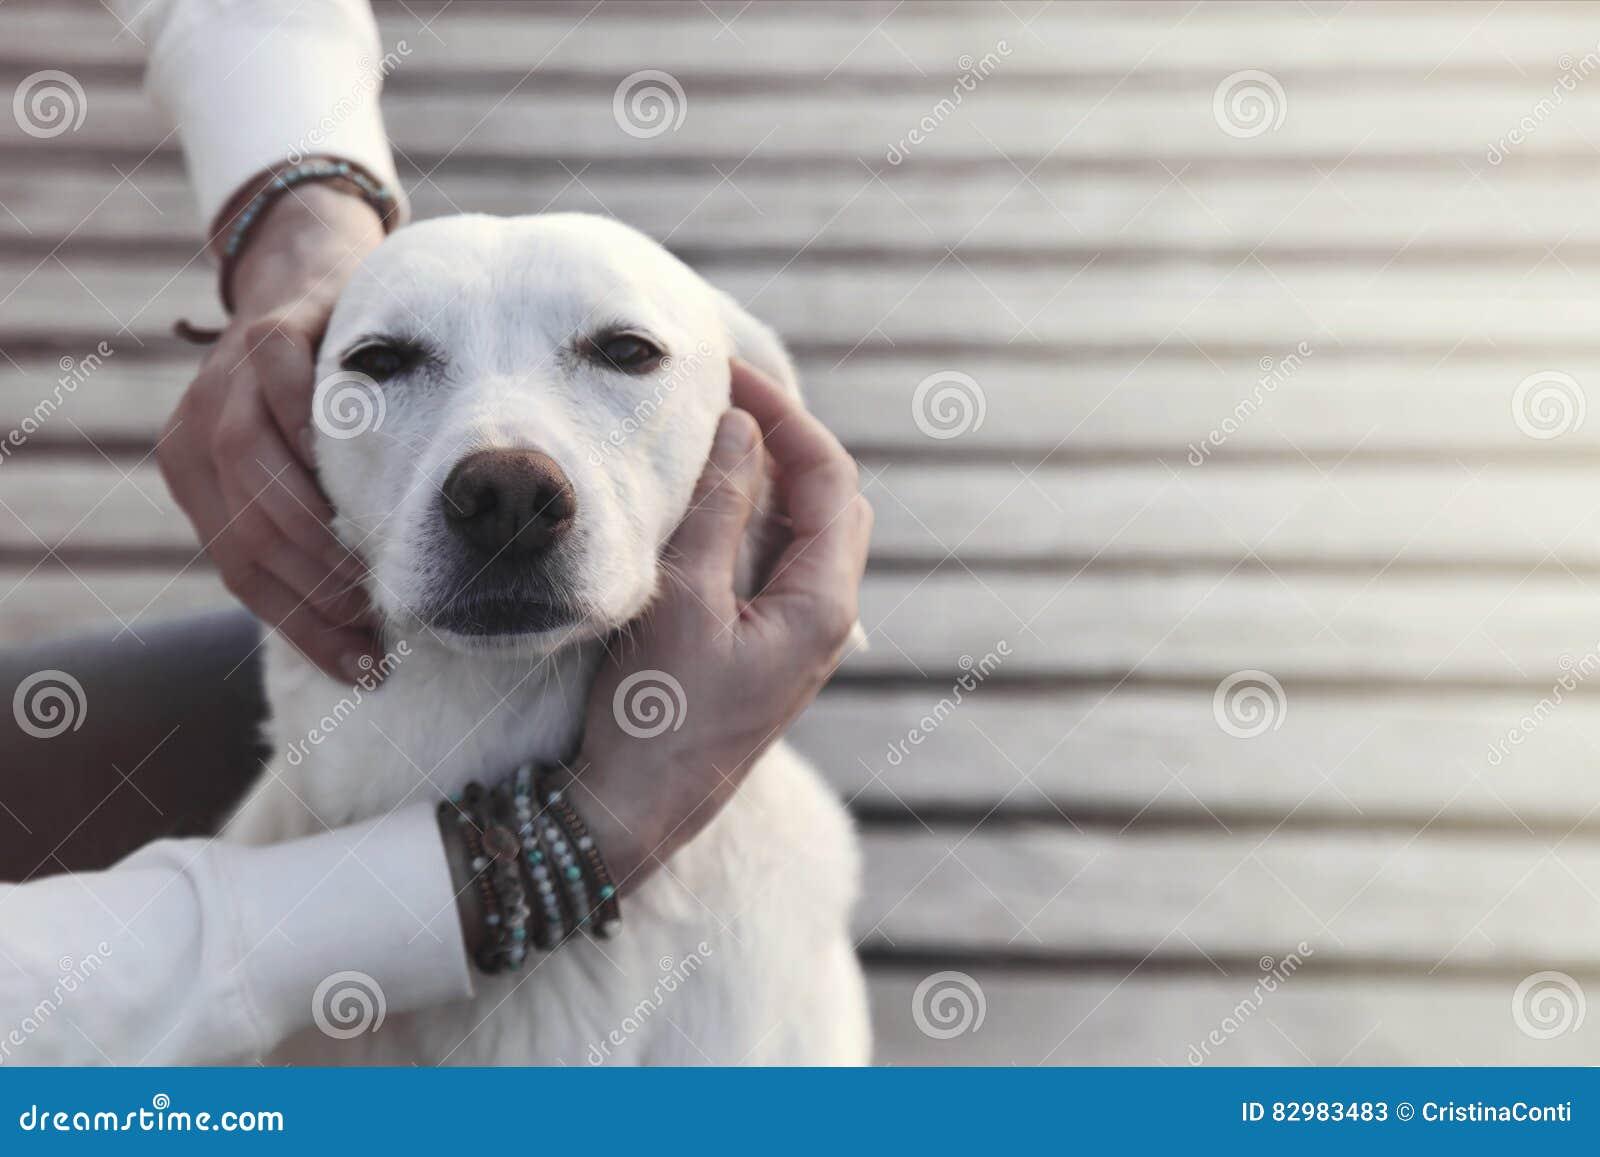 Hond in de greep van zijn eigenaar wordt verrukt die